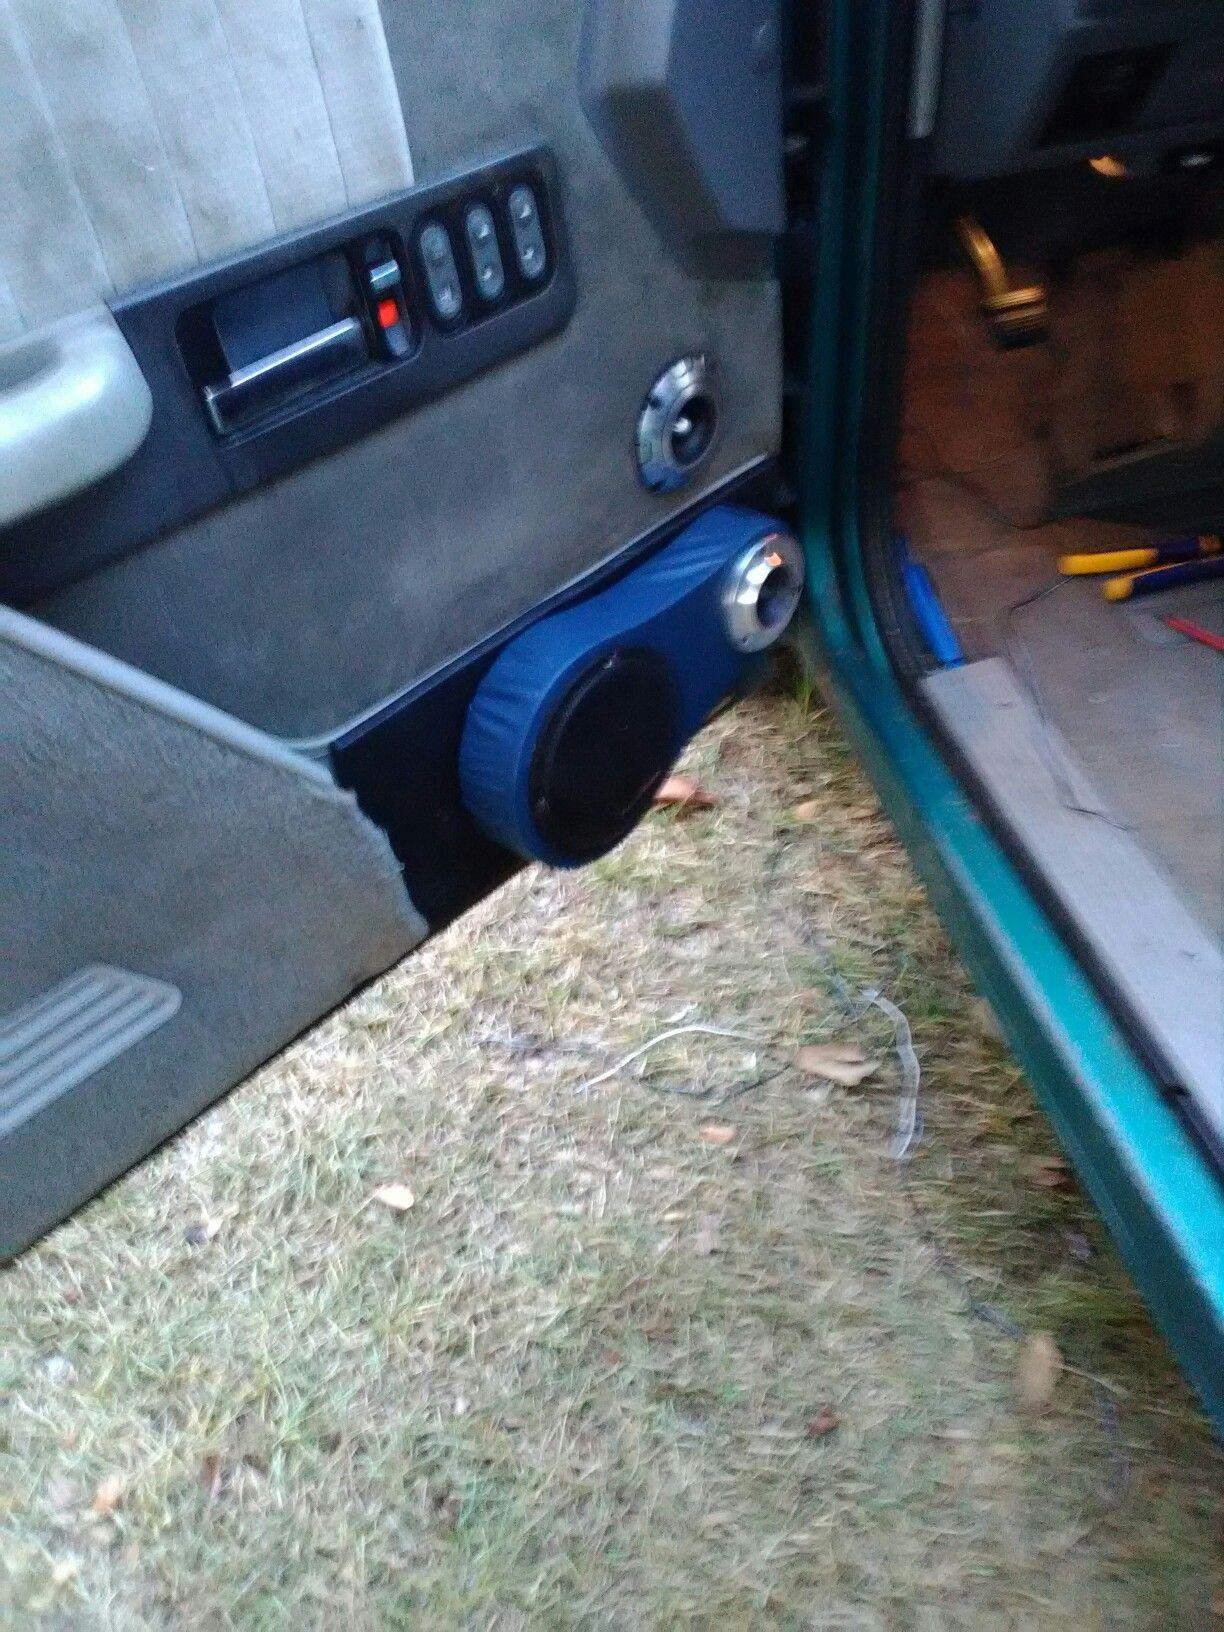 Door pods with precision power 5.25 and 2 autotek 1.75 tweeters in each door and there & Door pods with precision power 5.25 and 2 autotek 1.75 tweeters in ...